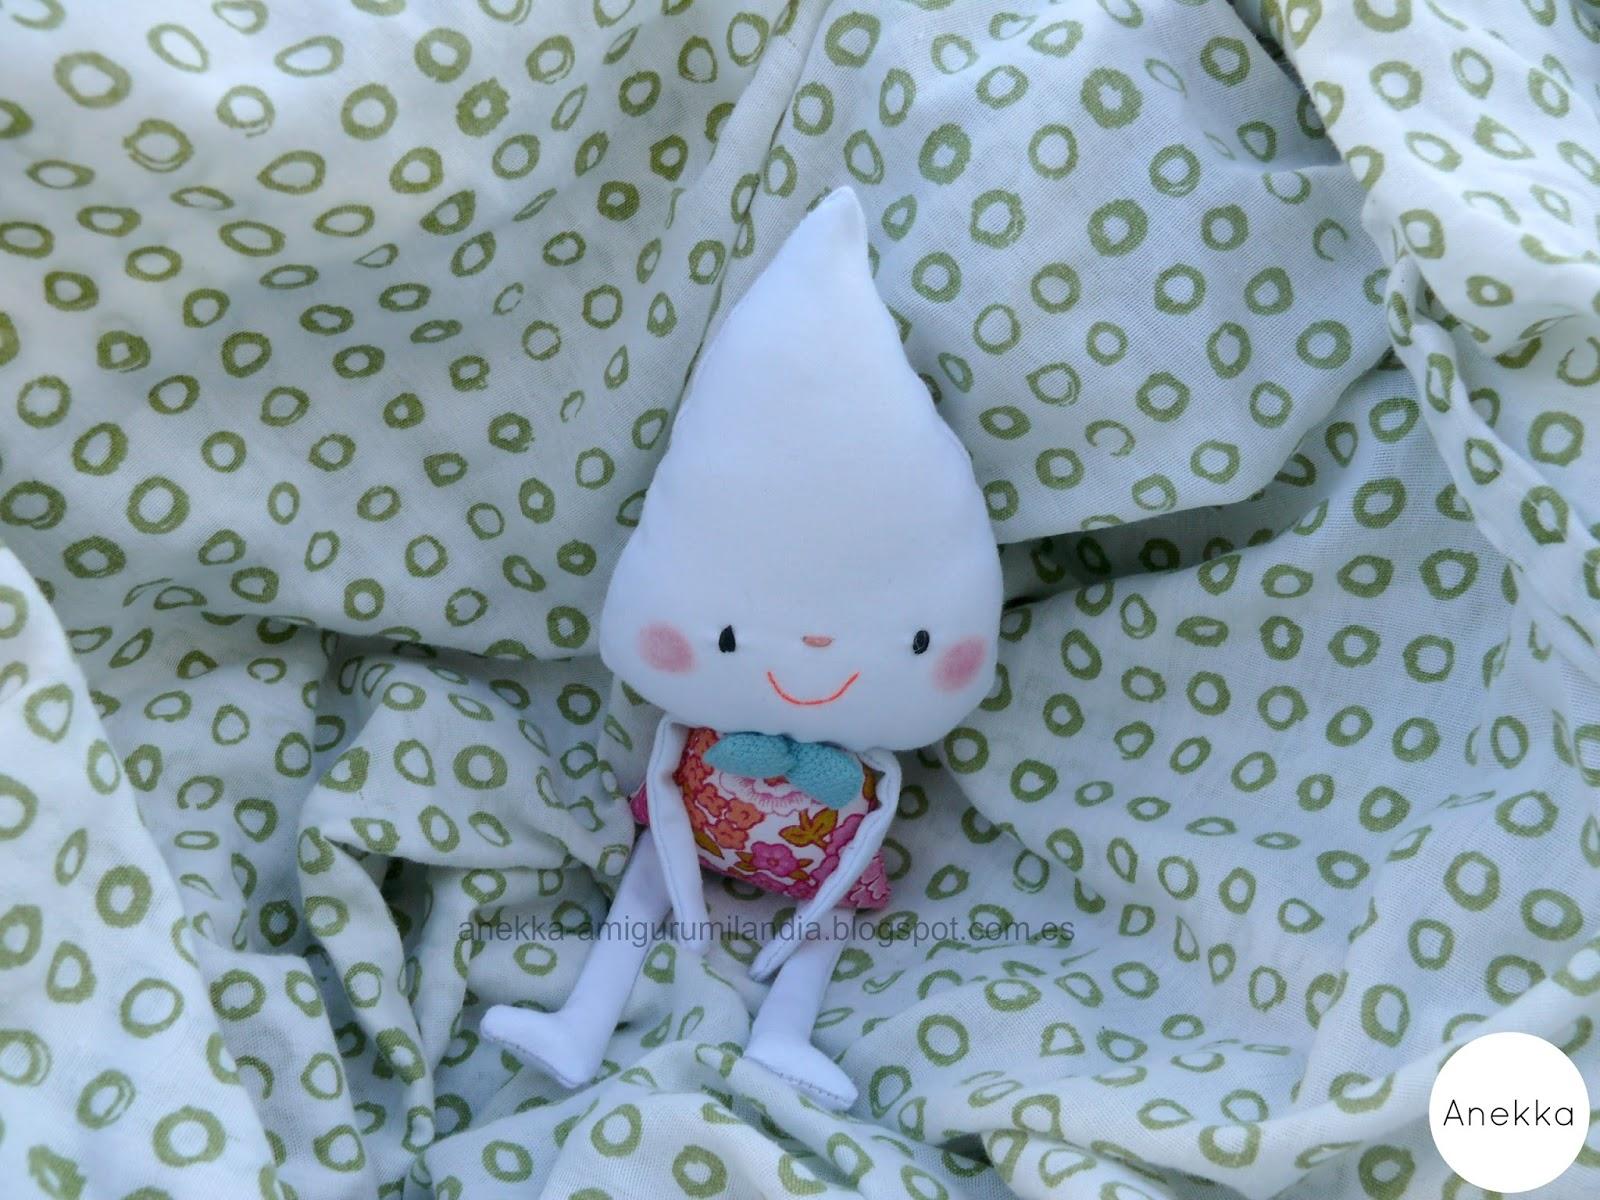 drop doll anekka handmade